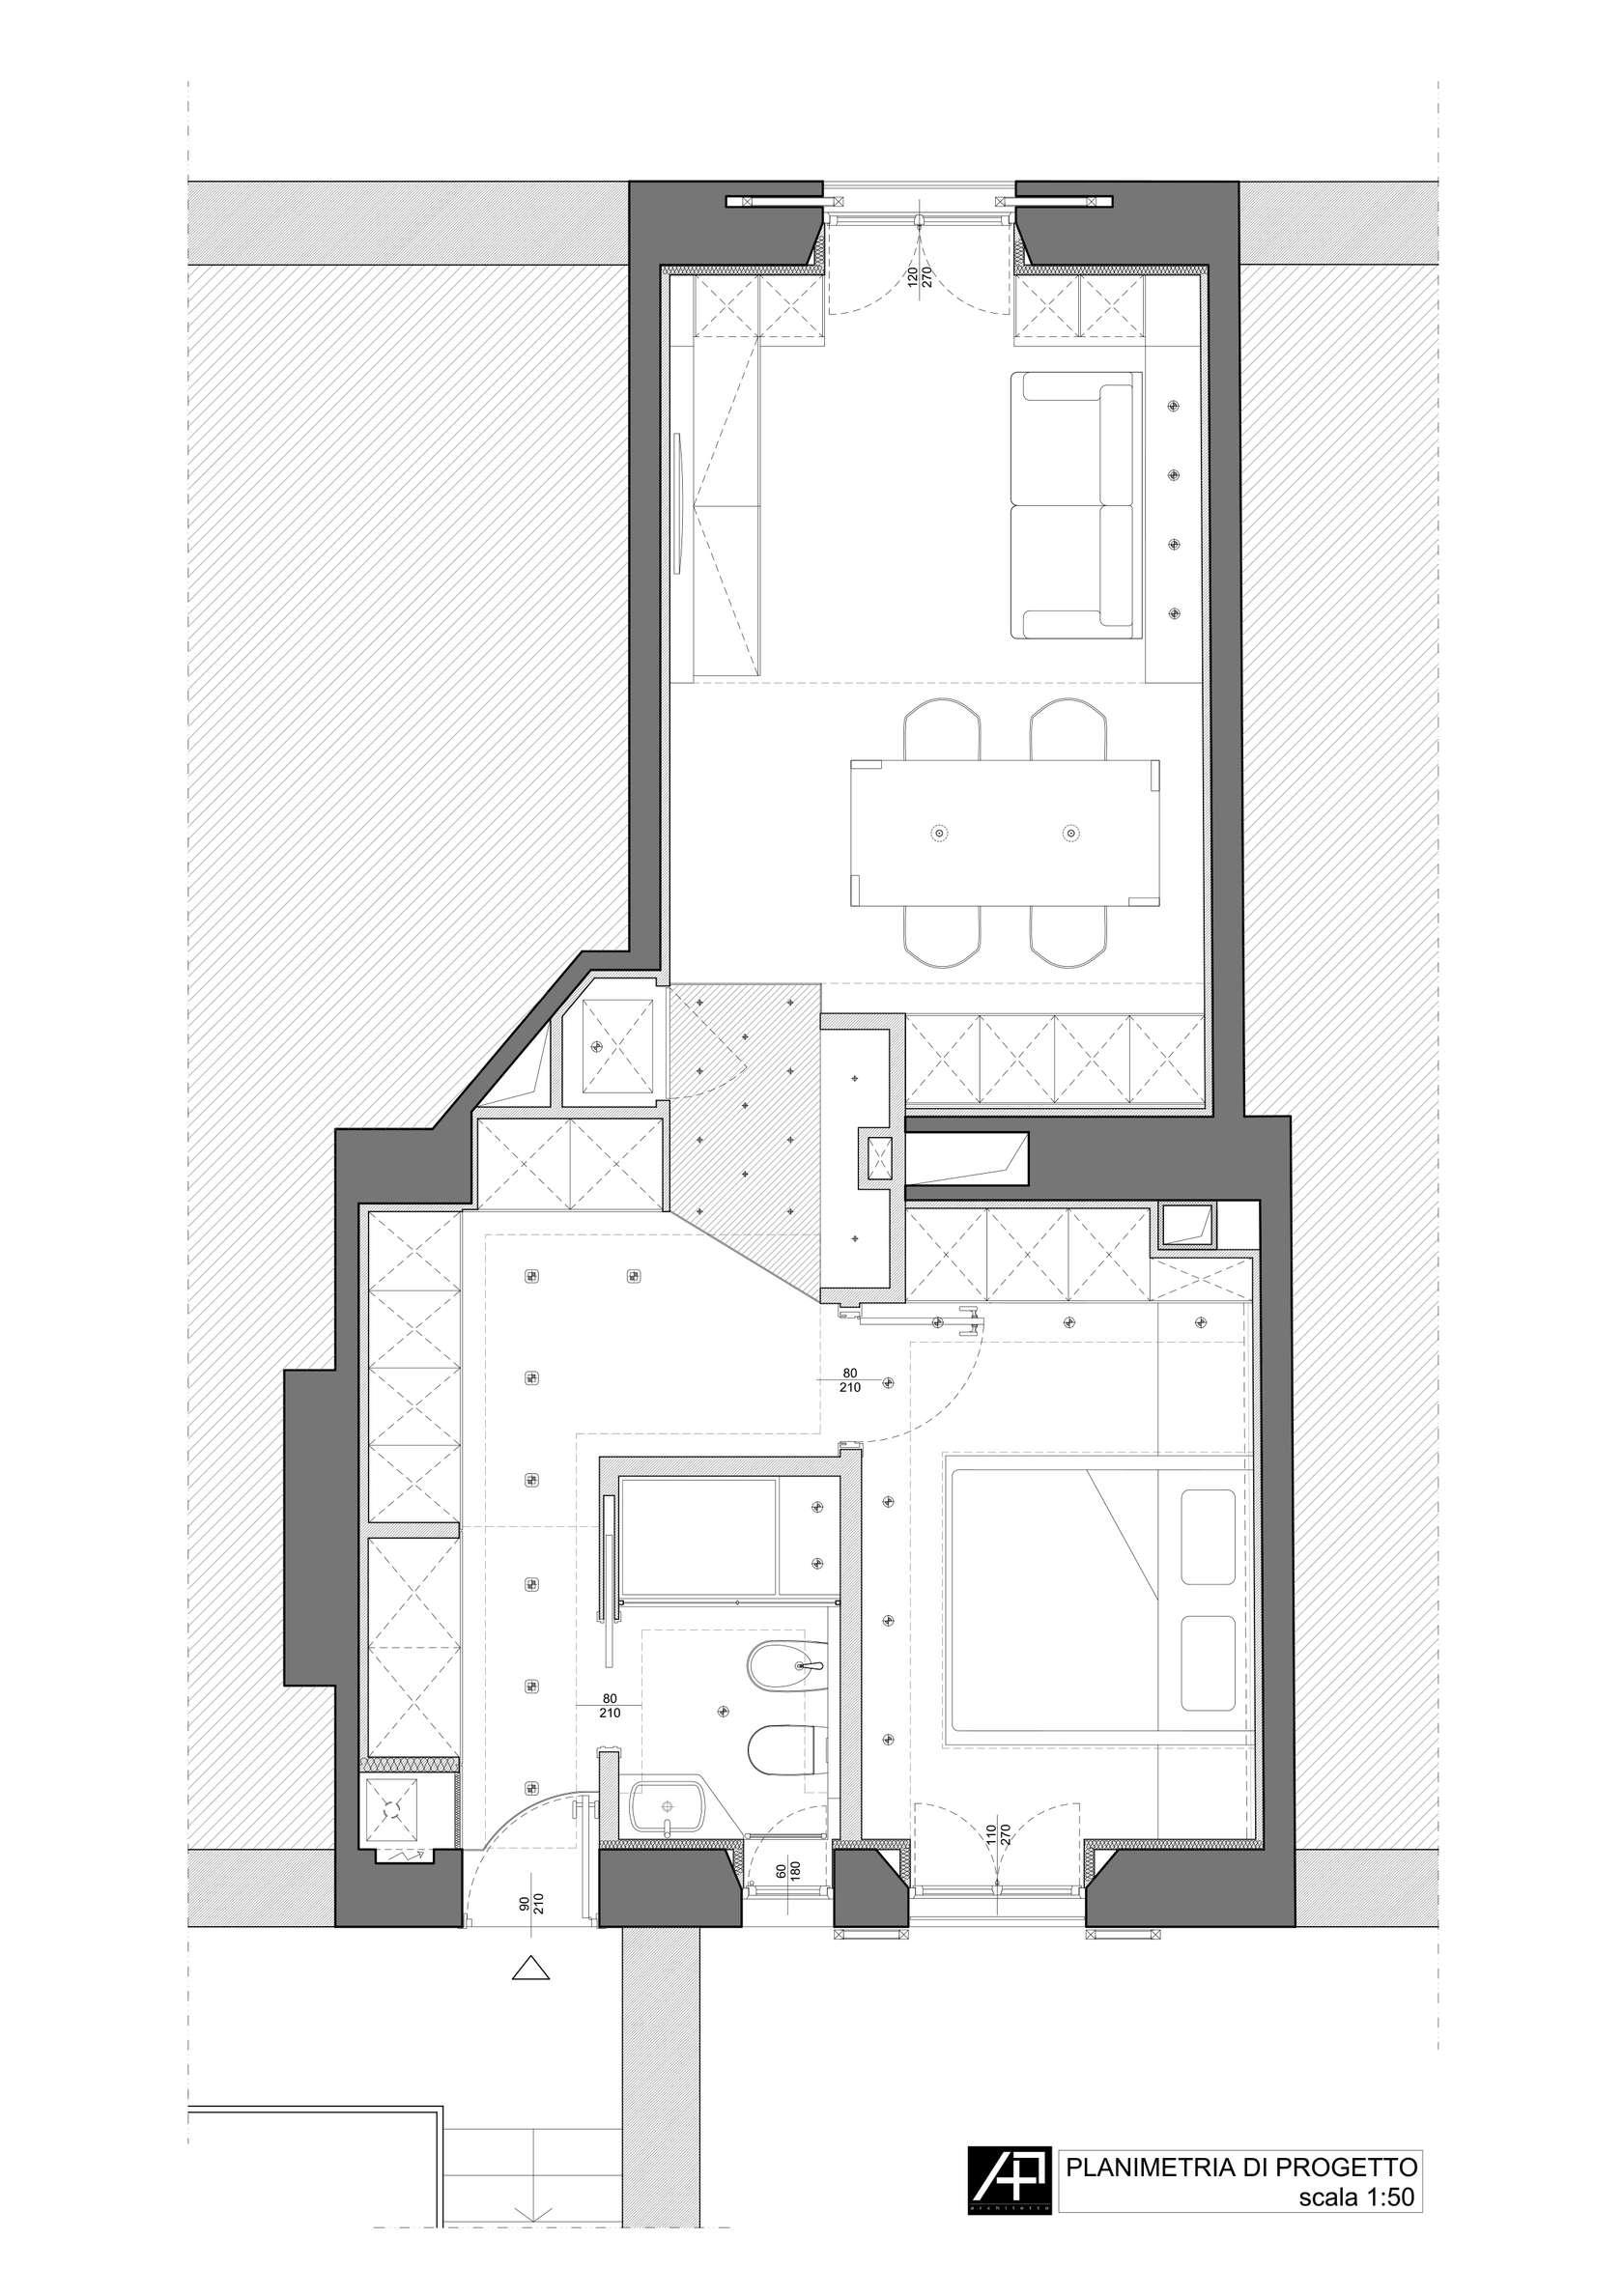 малък апартамент в минималистичен стил - план